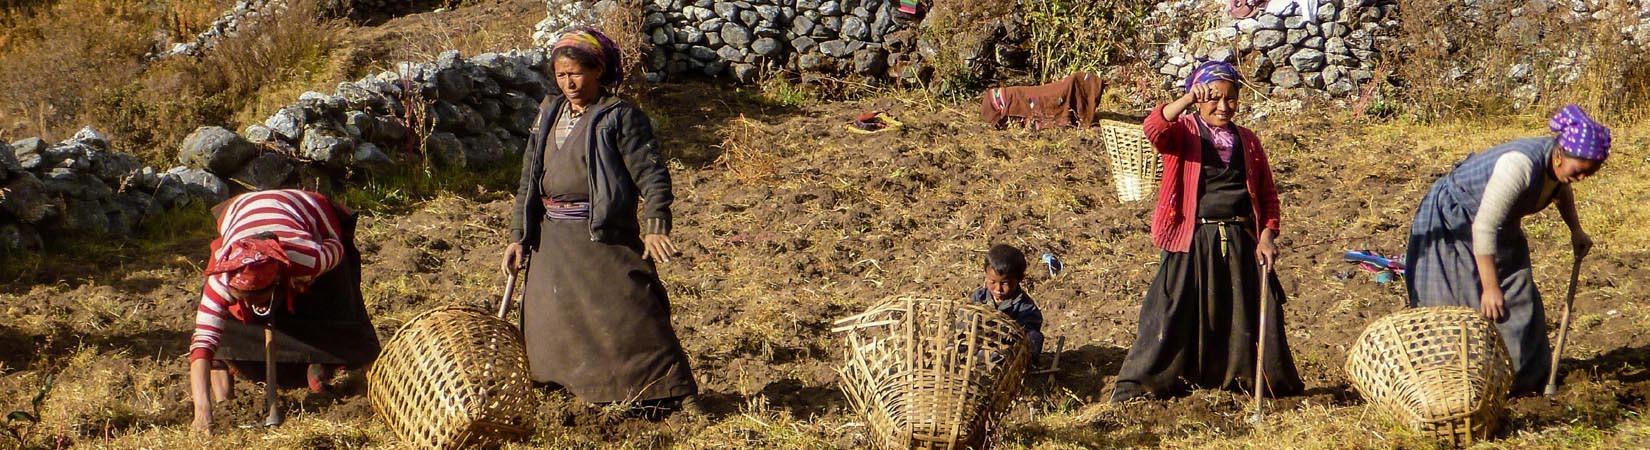 Les femmes tibétaines travaillent dans une ferme de pommes de terre dans la vallée de Manaslu